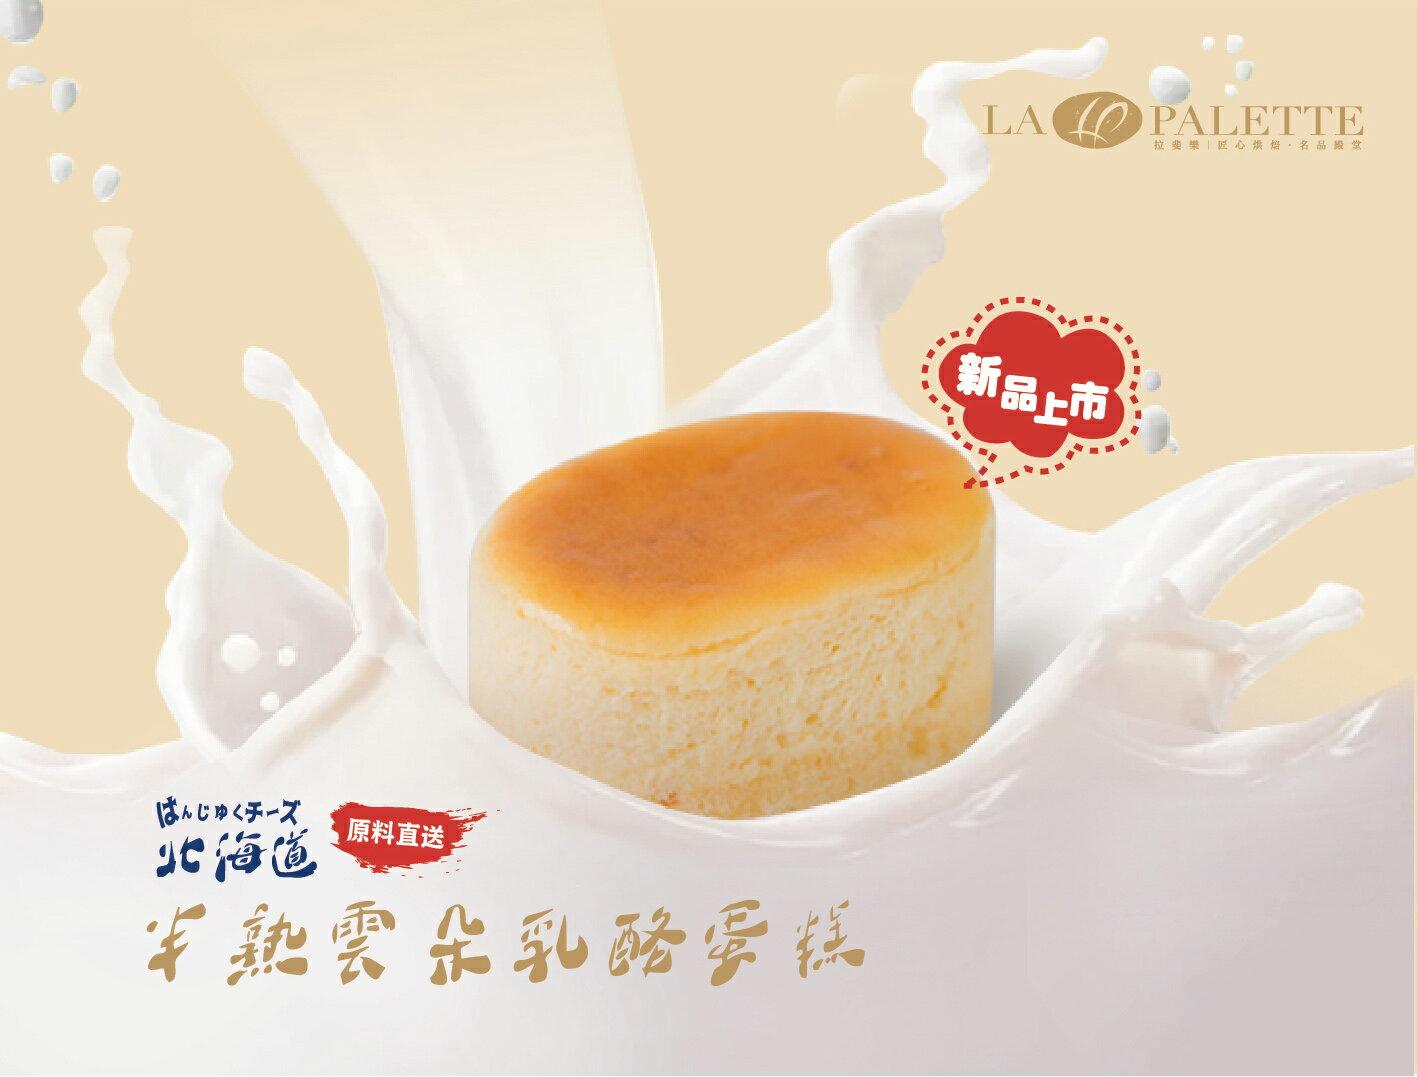 《拉菲樂La palette》雲朵半熟乳酪蛋糕★北海道原料產地直送★咬一口直奔雲朵★